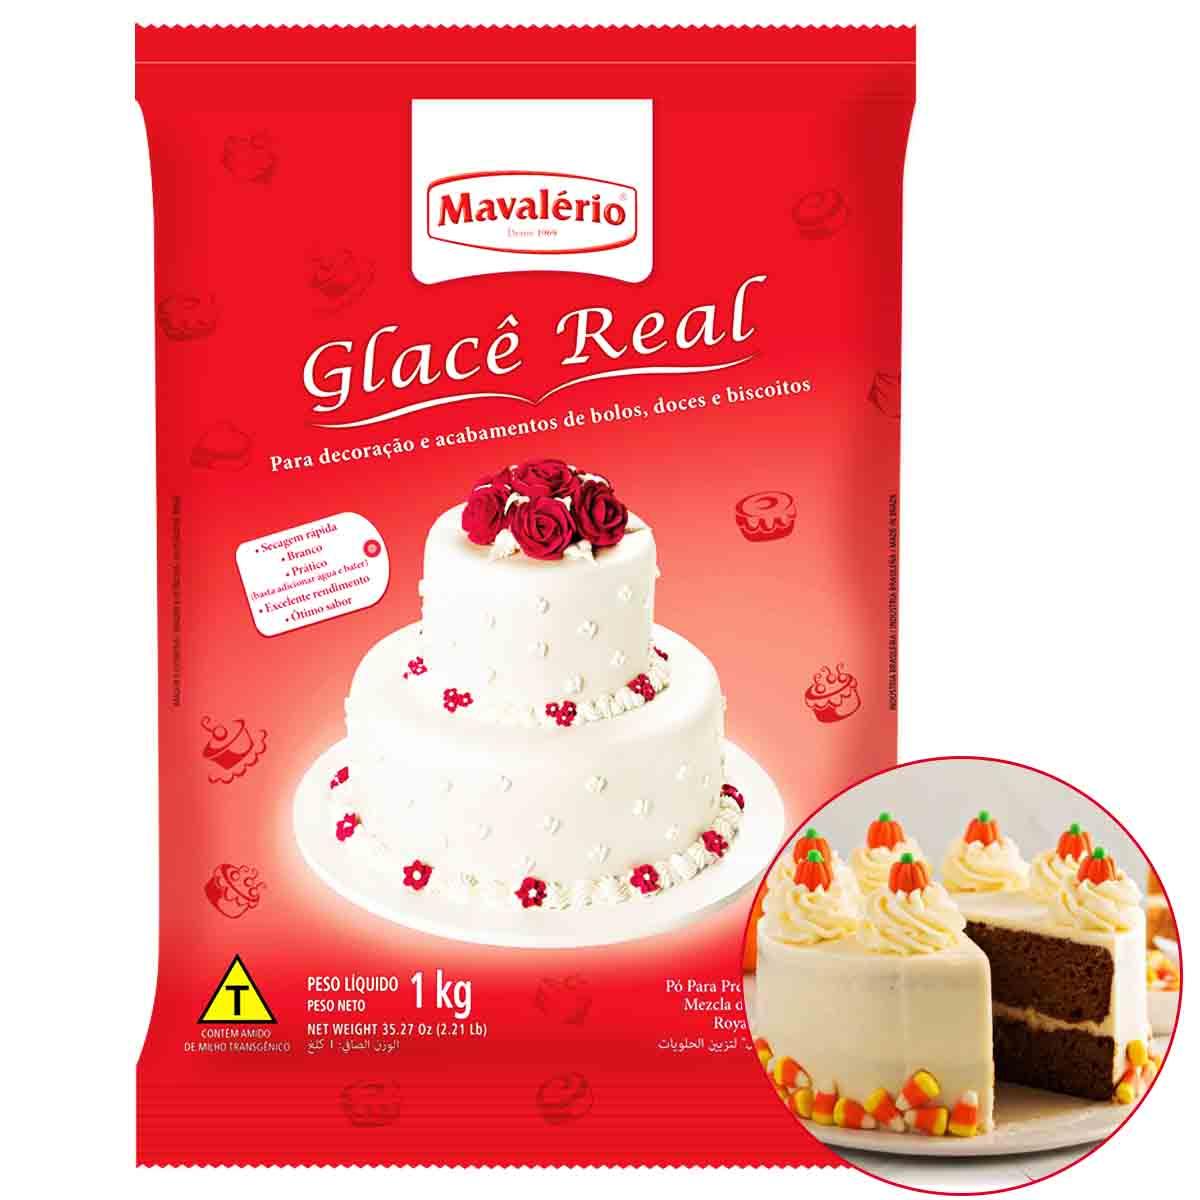 Glacê Real Mavalério 1kg